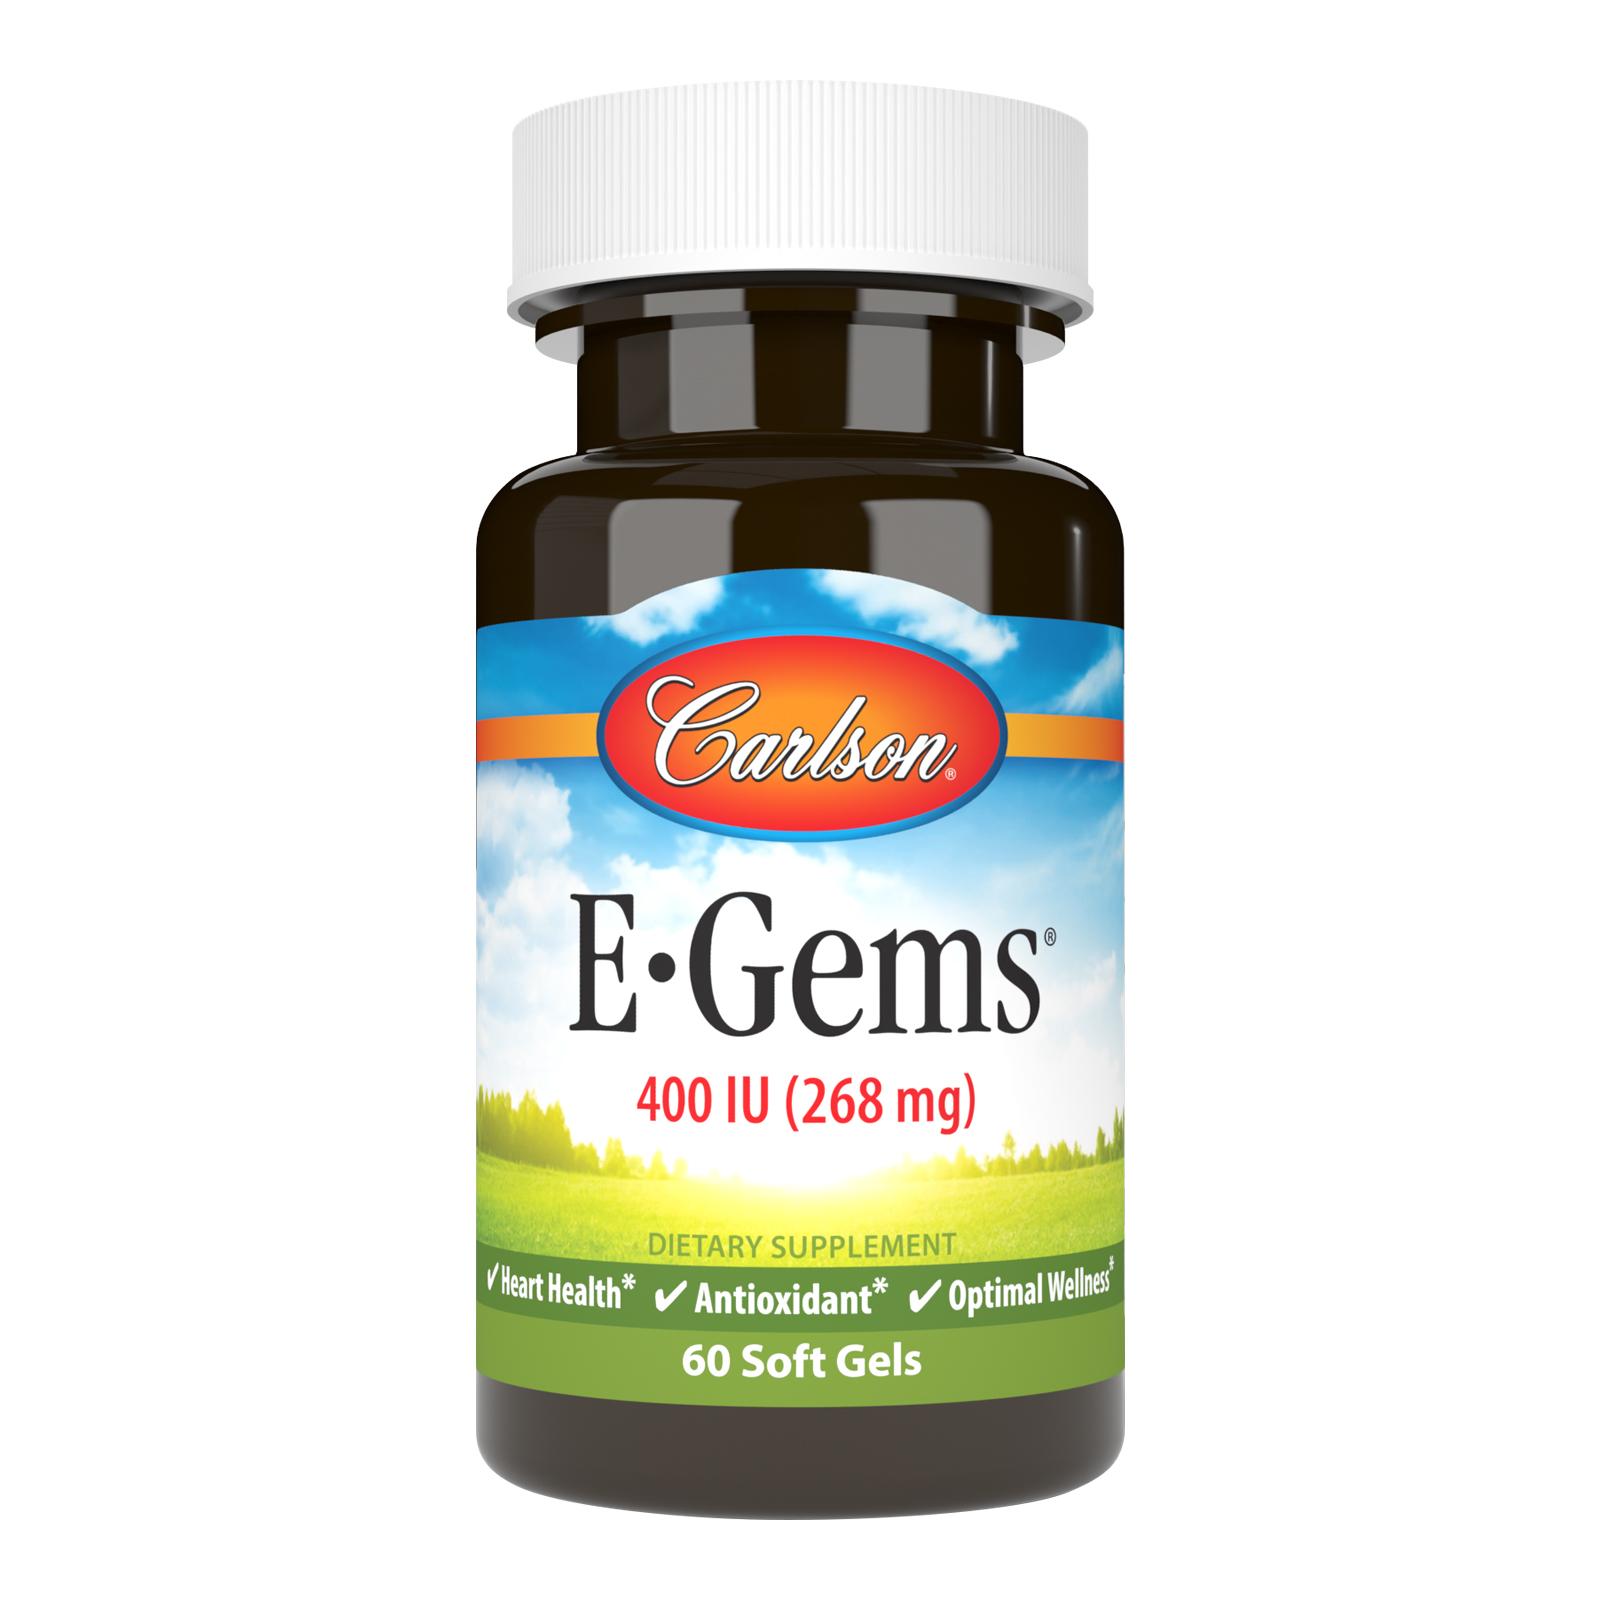 E-Gems® 400 IU (268 mg)